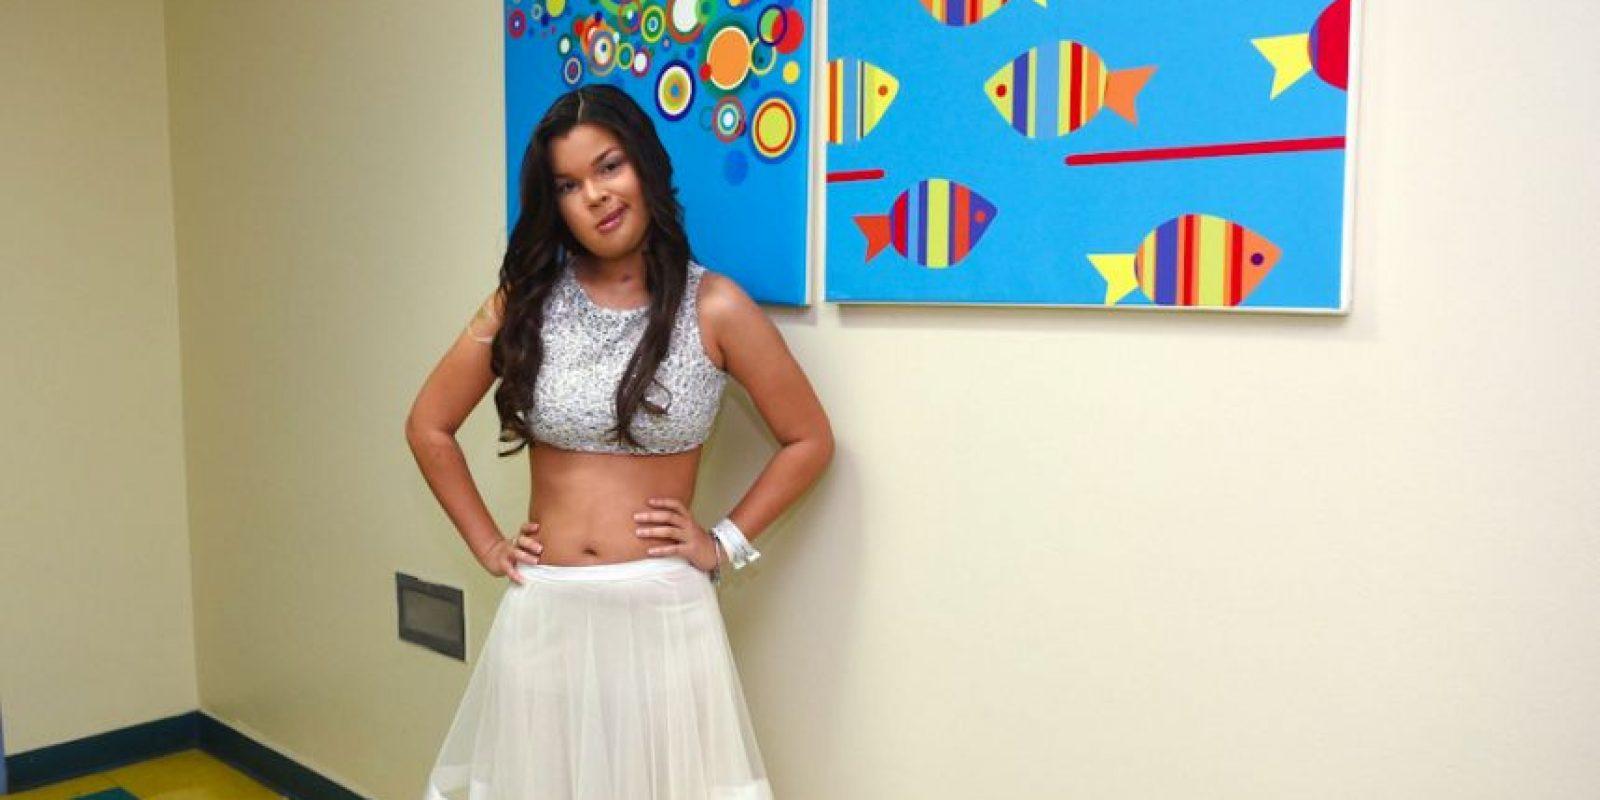 La estilista Coral Ramos Narvaez estudiante de Modern Hair Institute, donó a Stephanie todo su arreglo personal para el evento de premiación del Festival. Foto:Dennis A. Jones/ Metro Puerto Rico. Imagen Por: